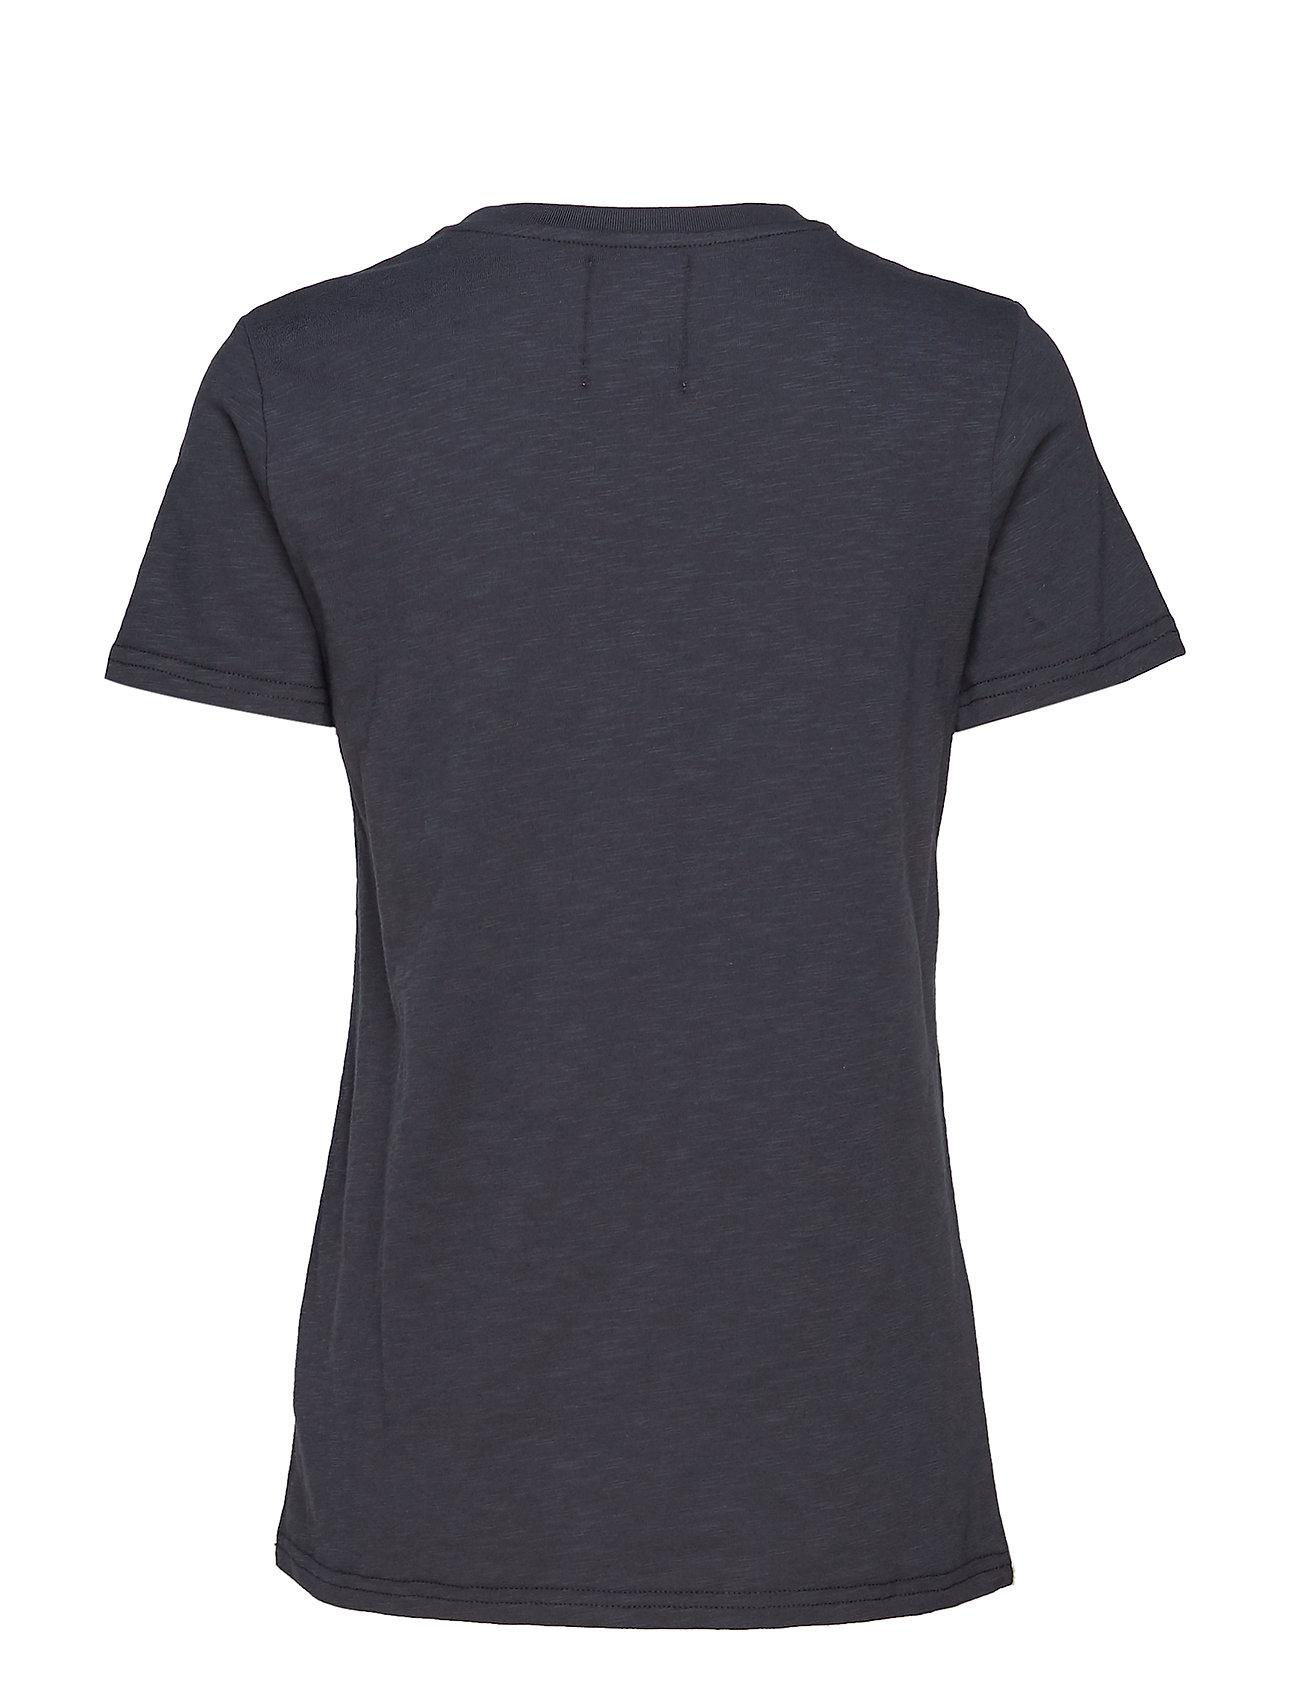 Zoe Karssen  loose fit t-shirt | Laaja valikoima alennustuotteita | Naisten vaatteet